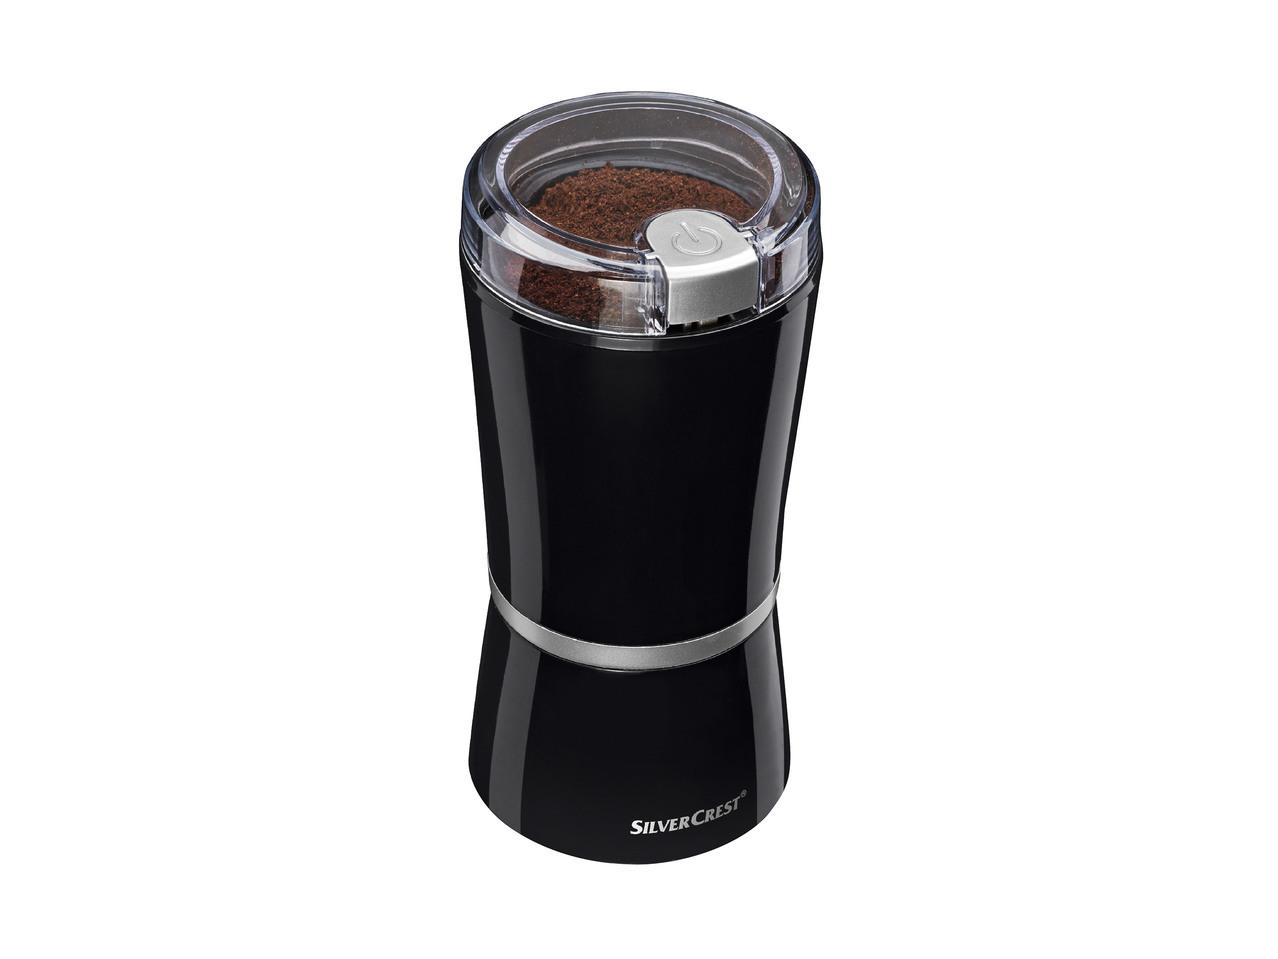 Elektrische Kaffeemühle SILVERCREST SKME 150 C2